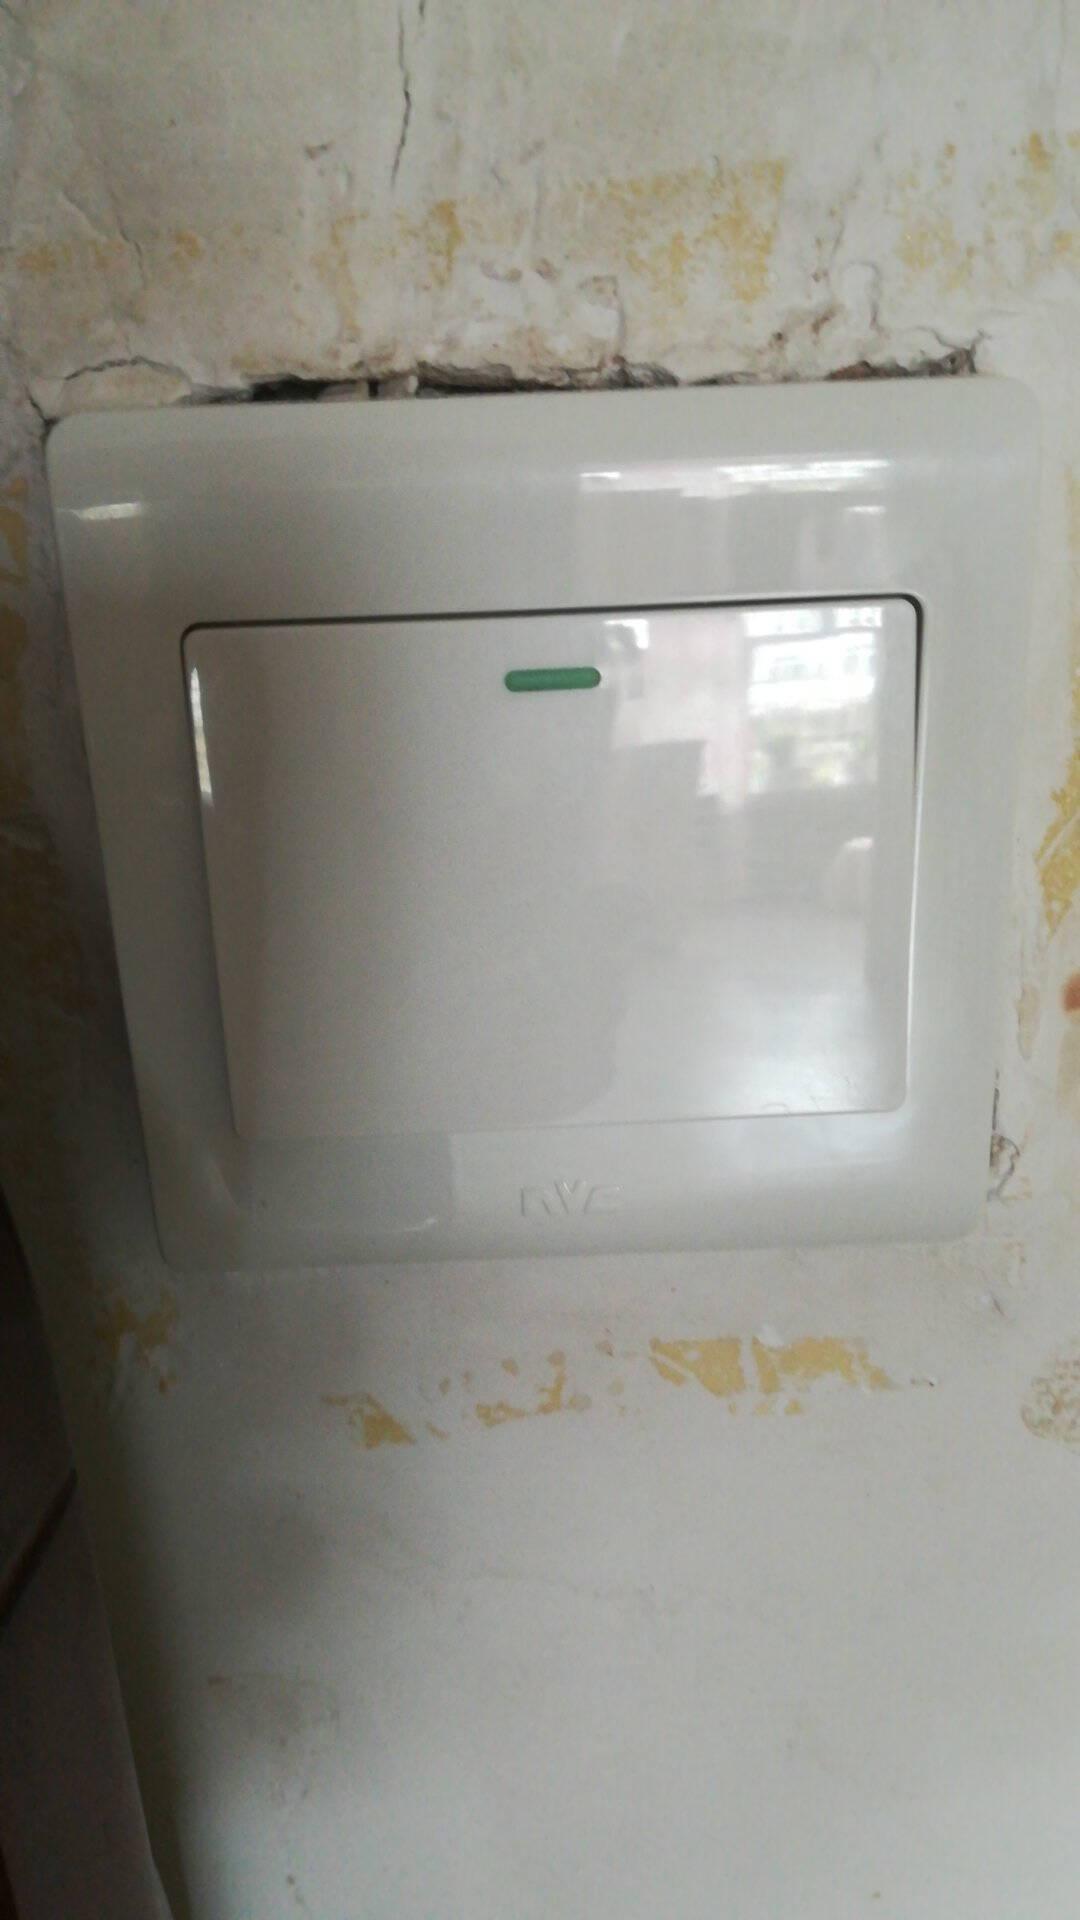 雷士(NVC)开关插座五孔插座86型10A正5孔二三插暗装墙壁开关面板电工电料D1心洁系列简约白色